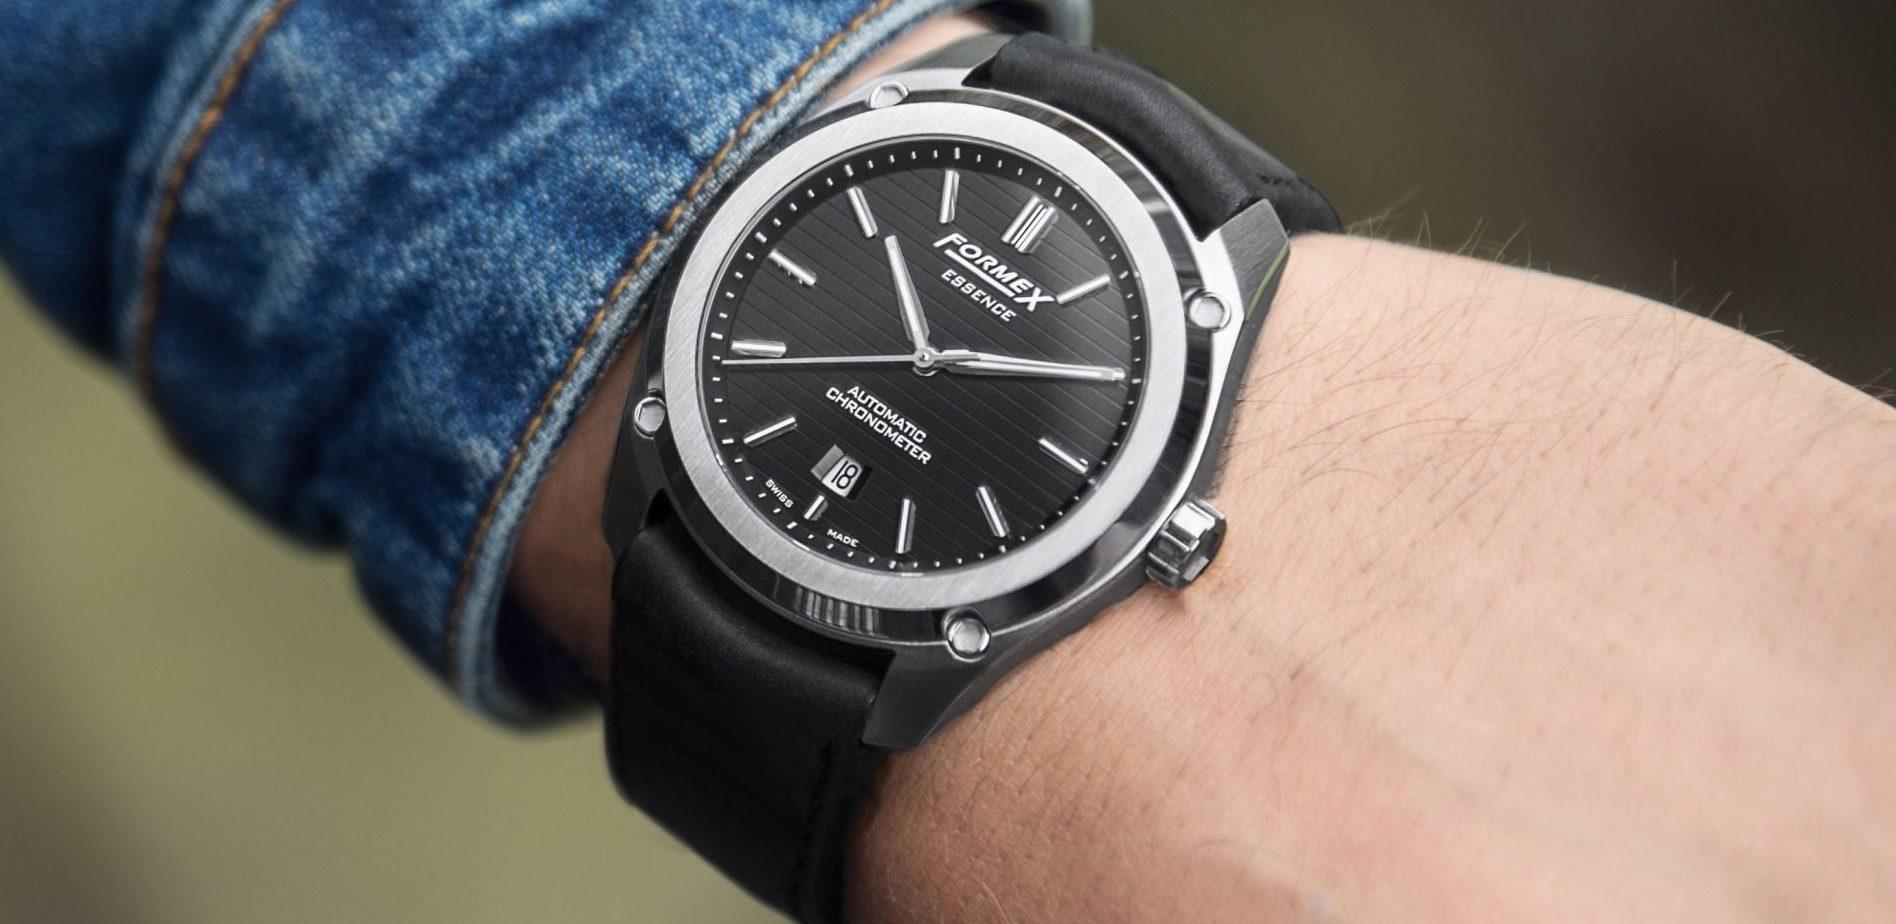 Formex Essence Chronometer Swiss Made